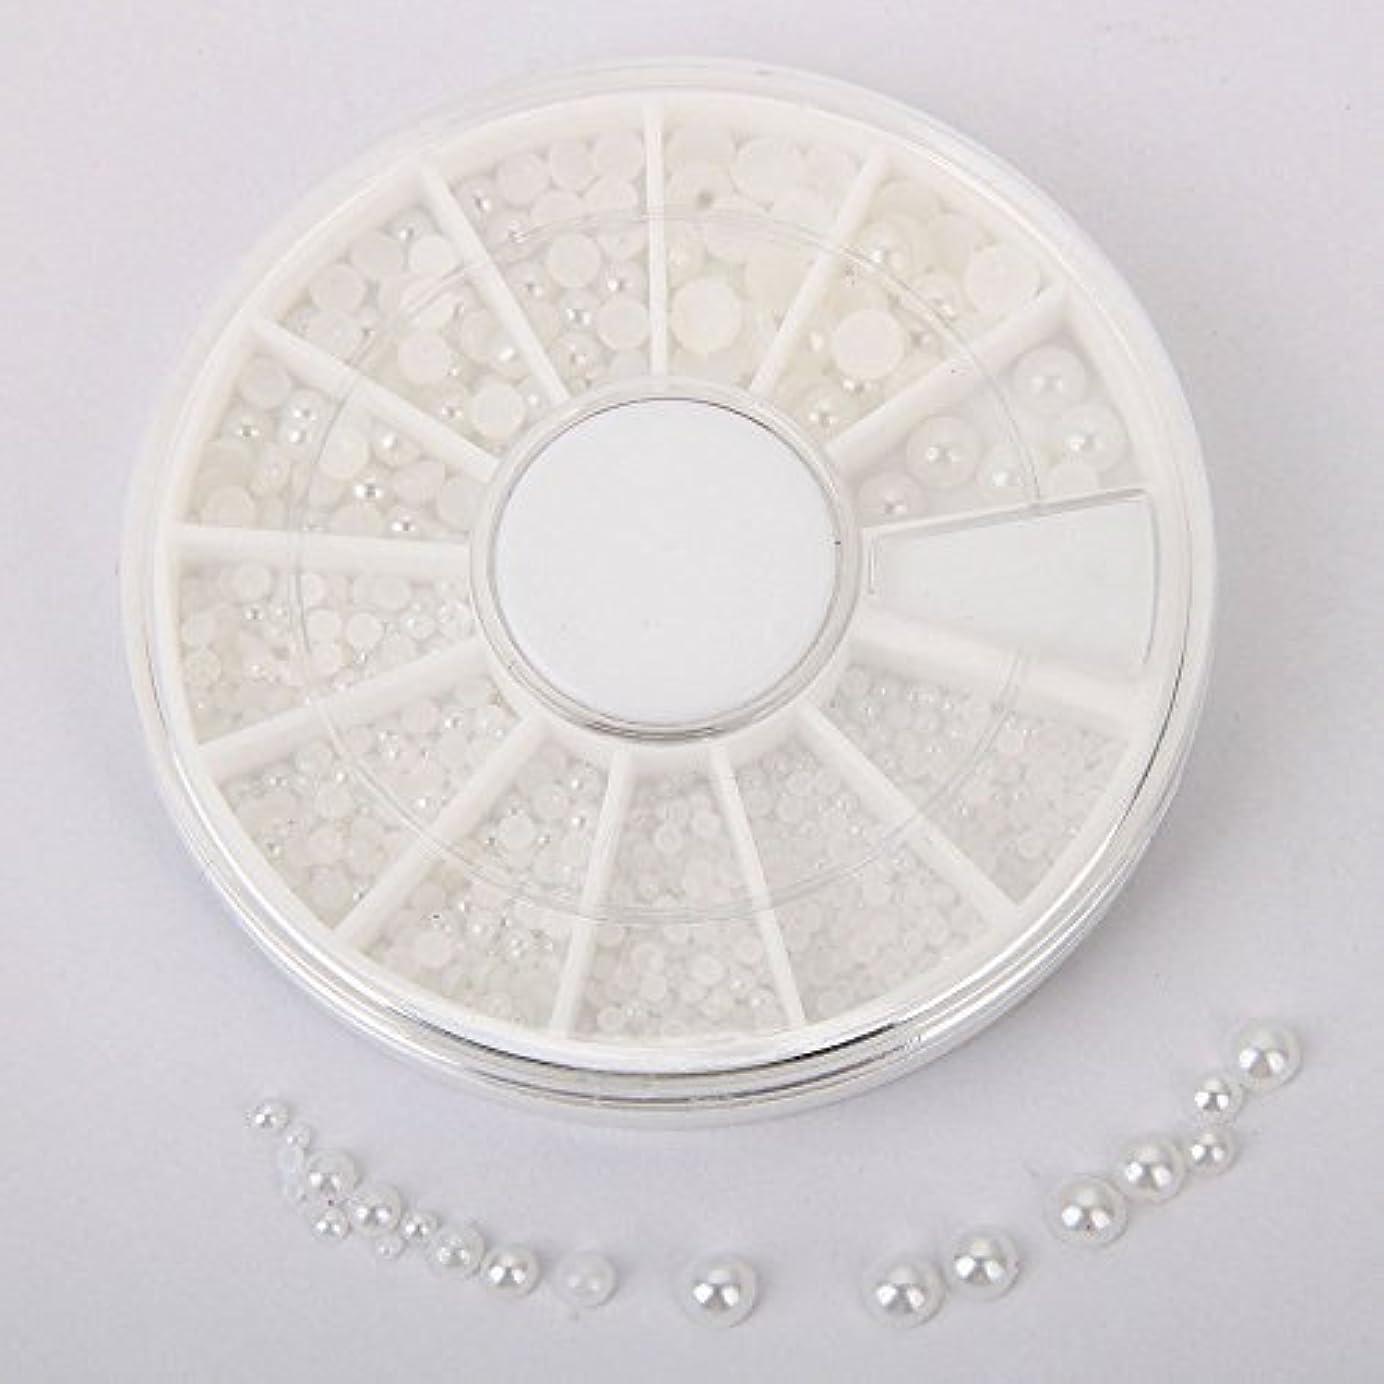 ゲージ鎮痛剤学習者シンディー ネイルアートパーツ 半円パール(ホワイト) マニキュアデコ用パール 1.5mm,2mm,3mm,4mm ラウンドケース入 3Dデコレーション(01)